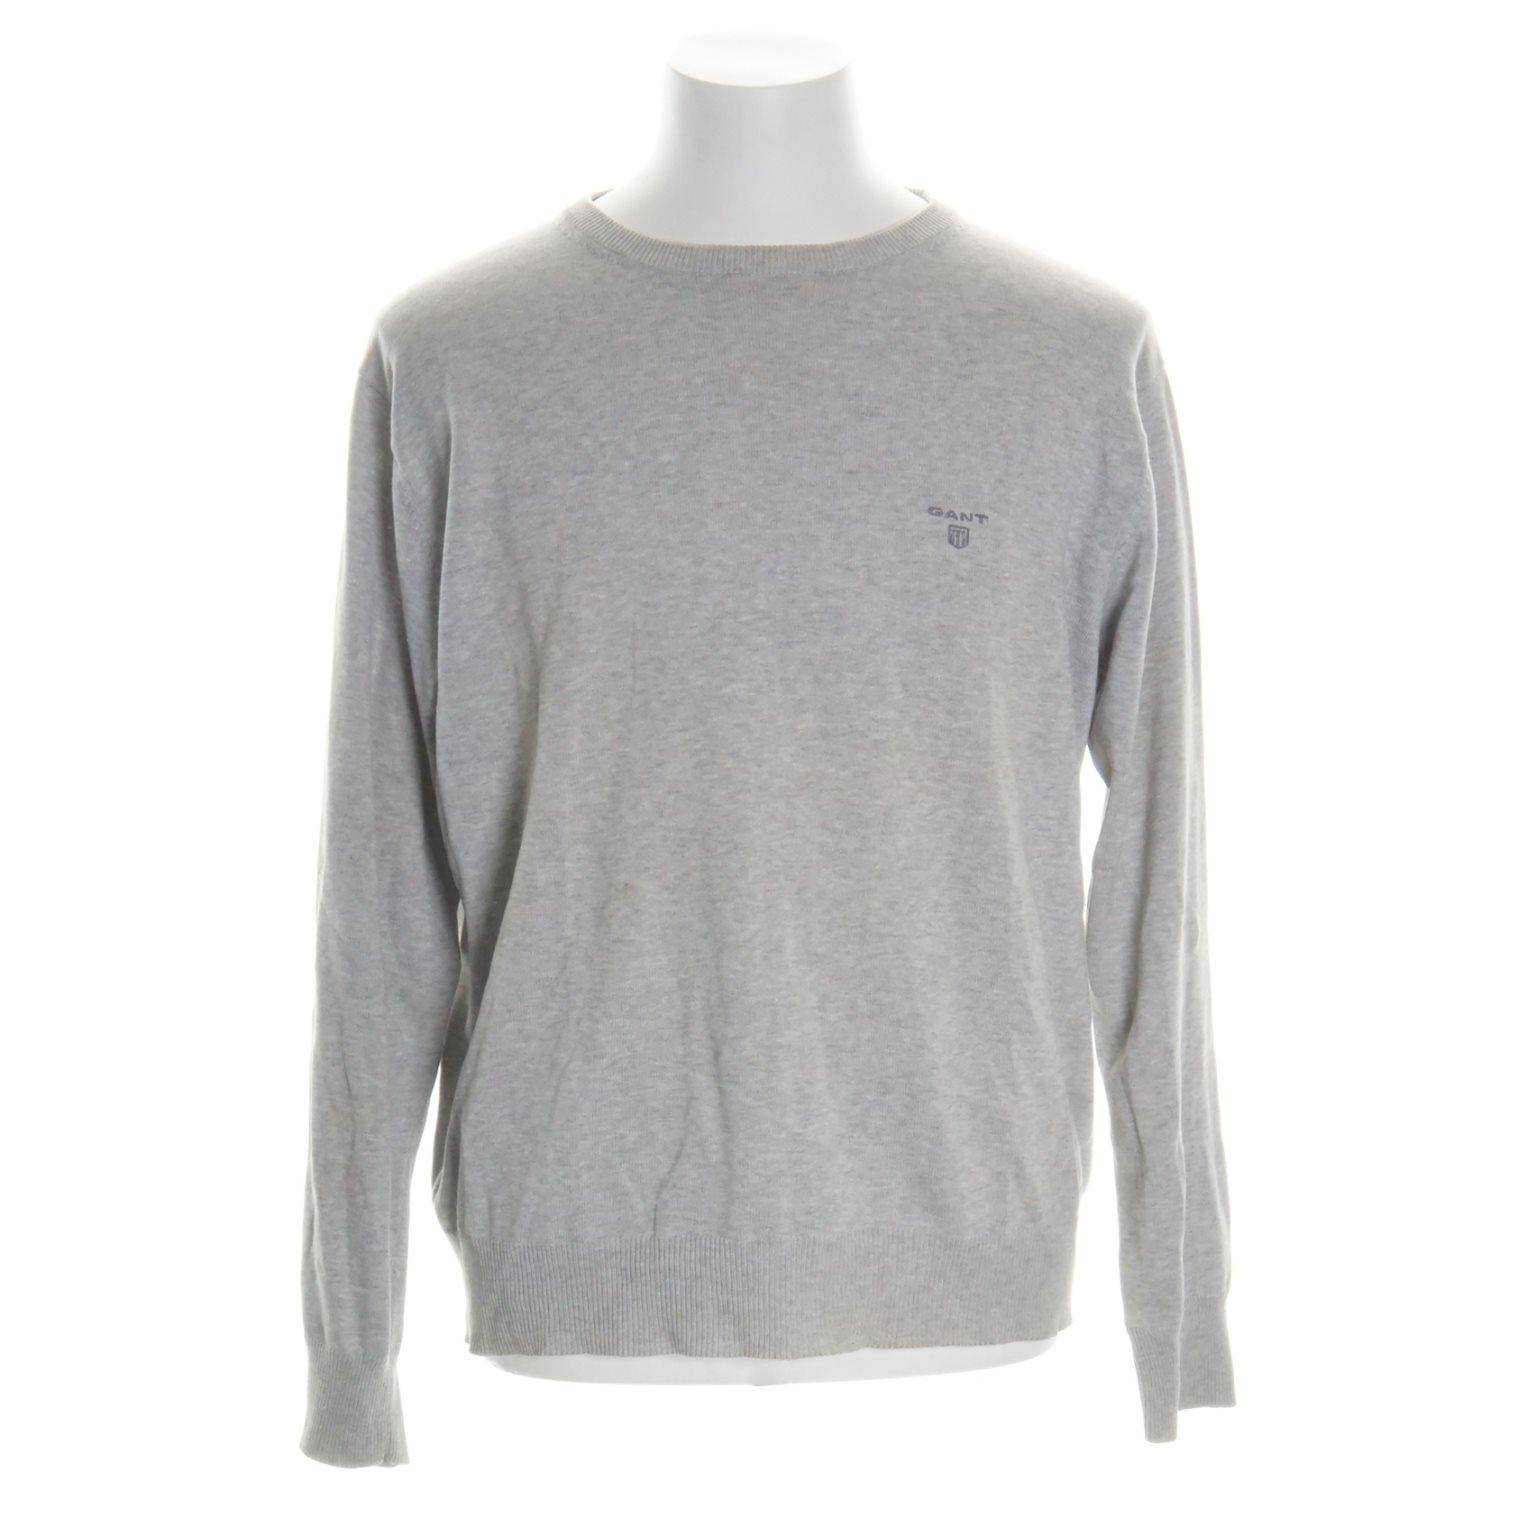 grå gant tröja